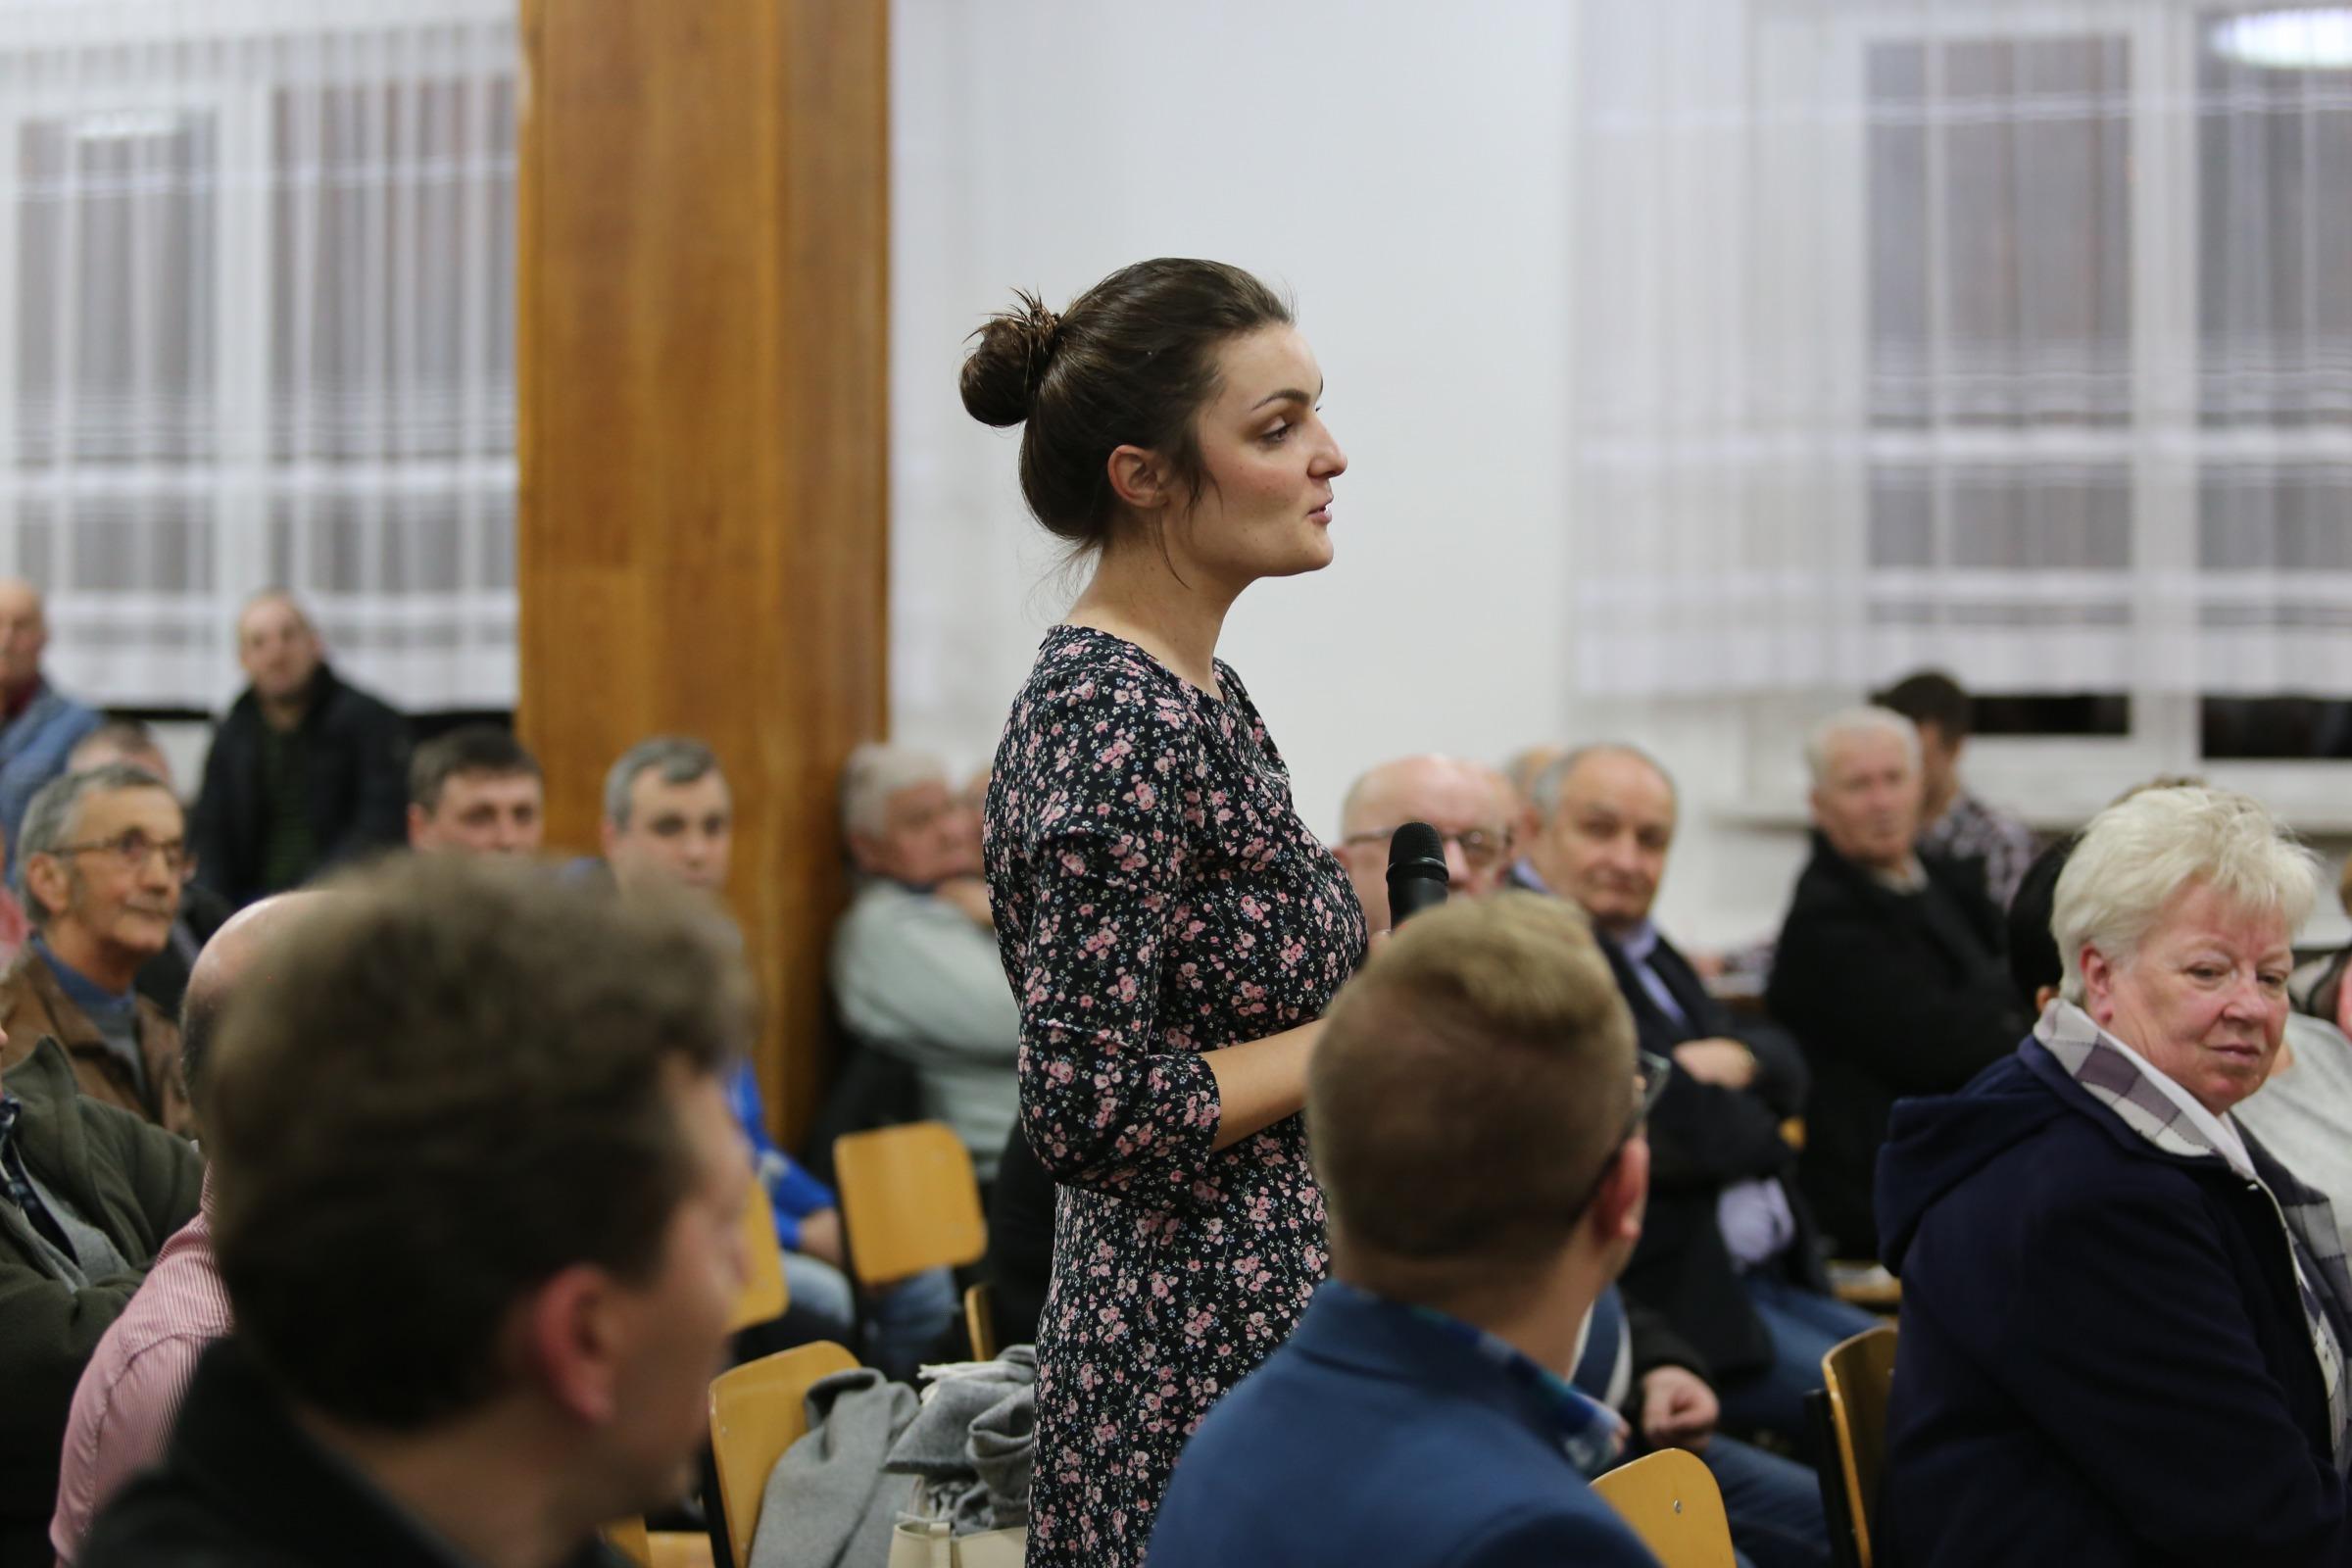 Zebranie sprawozdawcze w Wiśle Wielkiej - 14.03.2018 · fot. BM / pless.pl